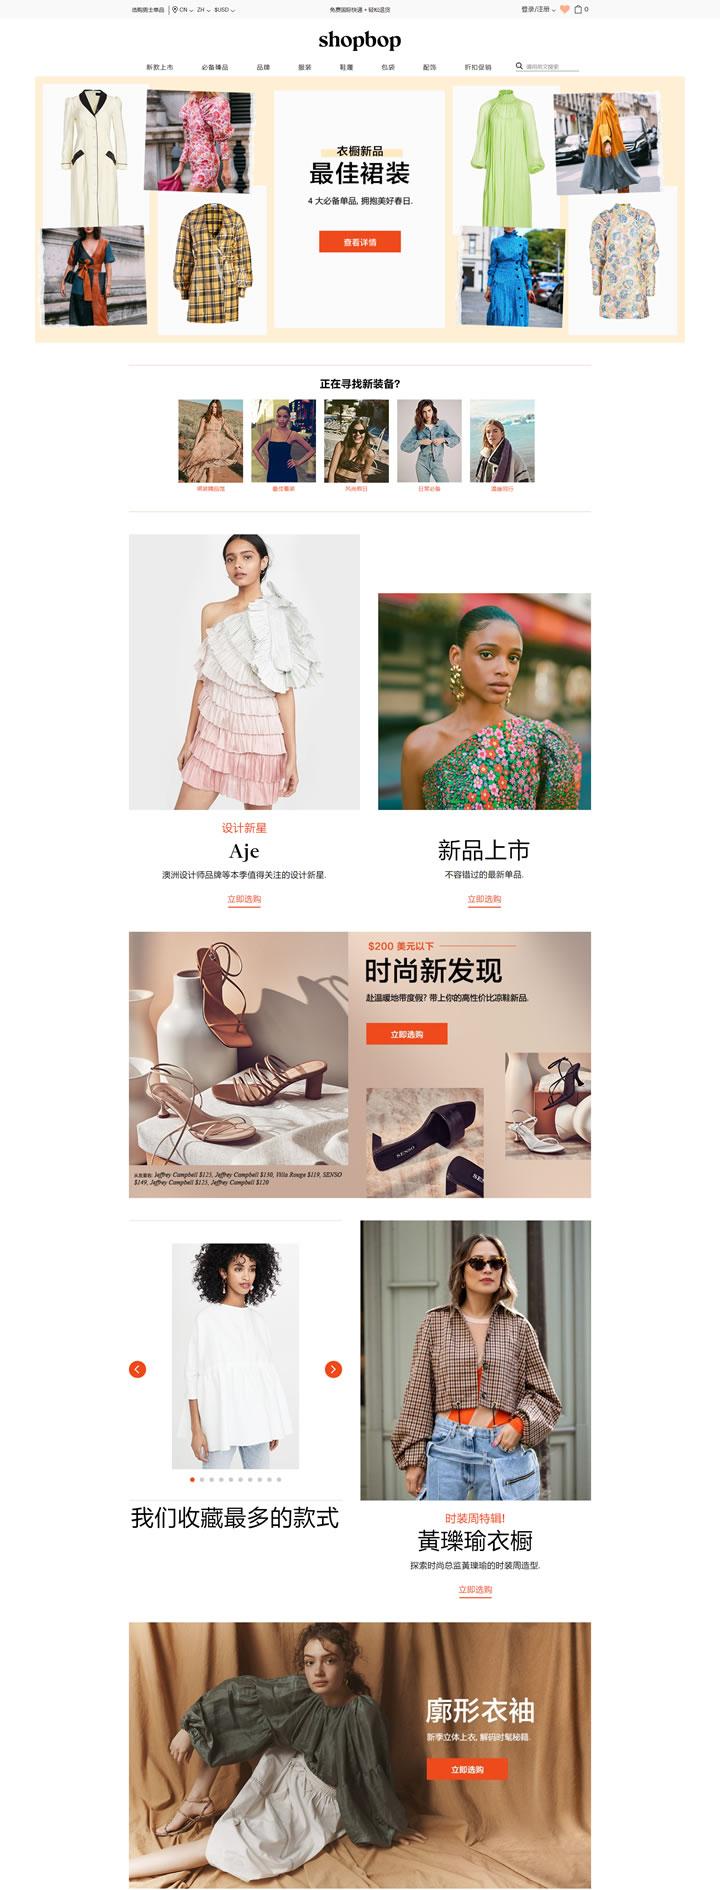 Shopbop官网